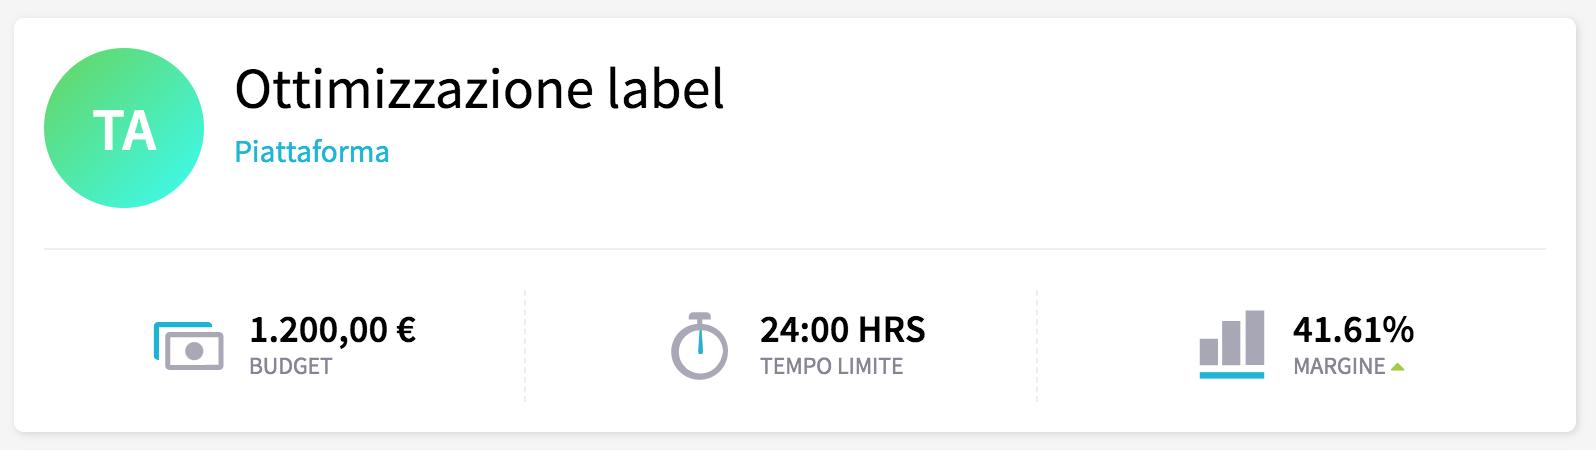 Il tempo limite è il tempo massimo utilizzabile per far sì che la work unit sia redditizia